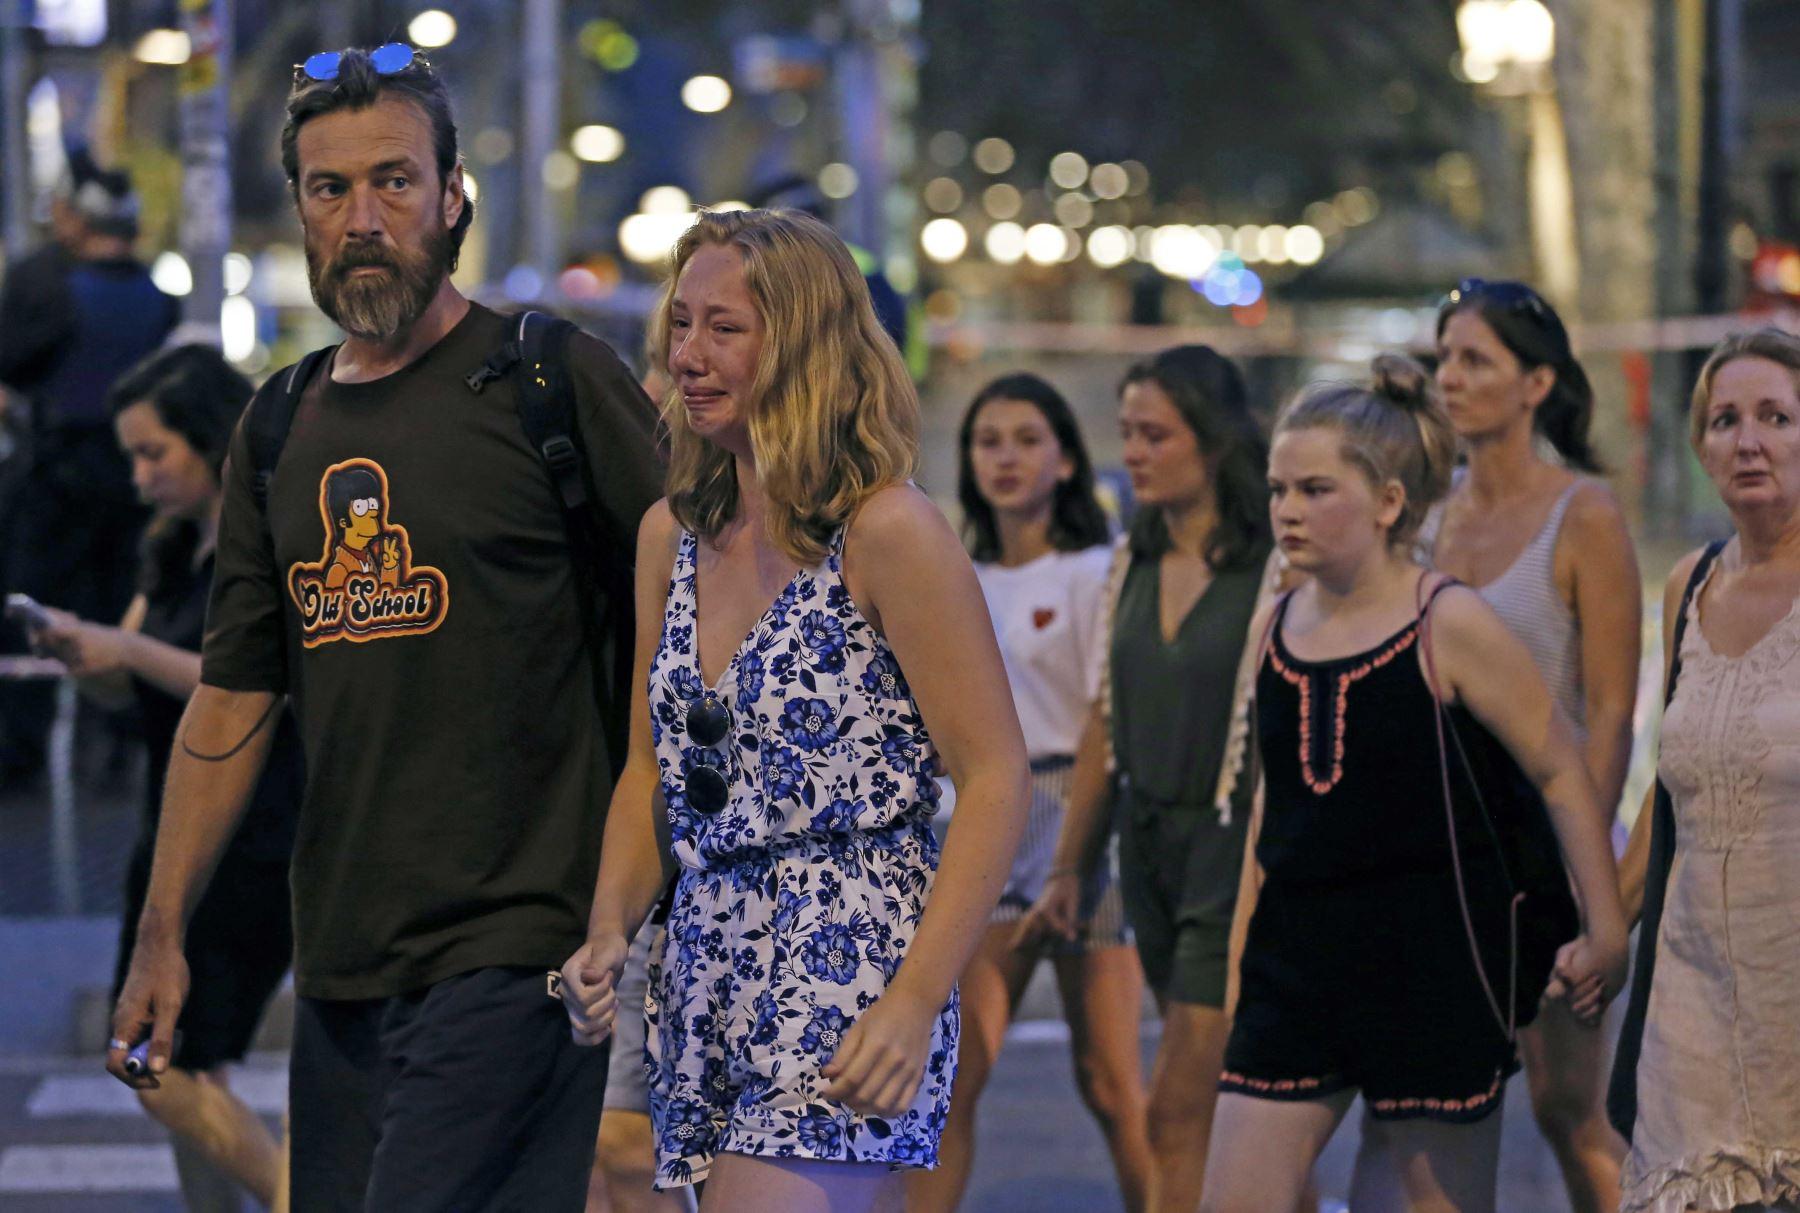 Una mujer llora después que una furgoneta atropelló una multitud, matando a 13 personas e hiriendo a más de 80 en la Rambla de Barcelona. Foto: AFP